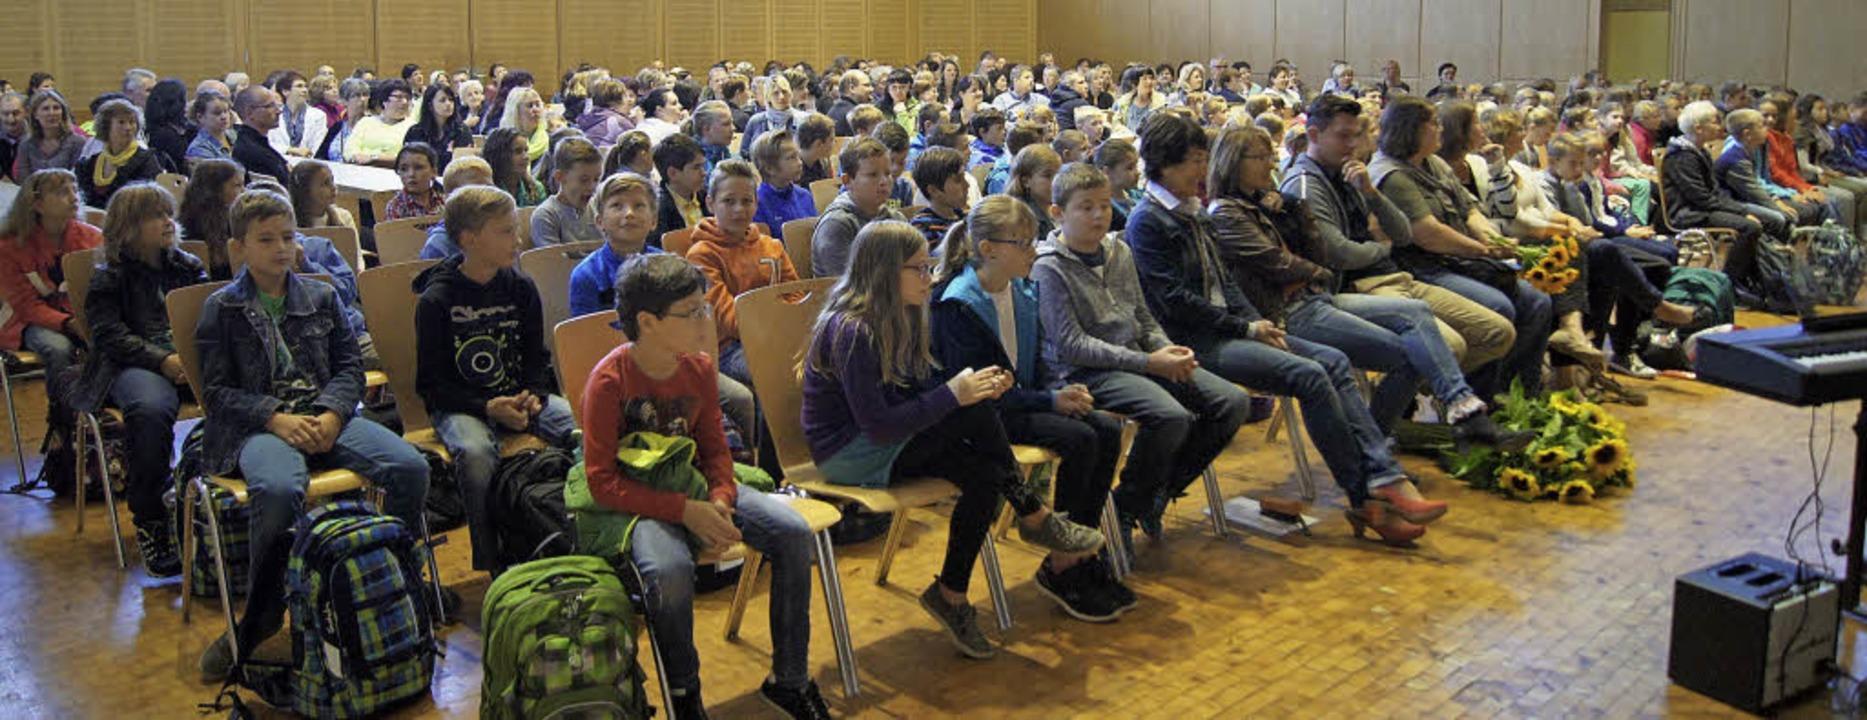 Die Verbundschule hieß die vielen Fünftklässler willkommen.  | Foto: schule